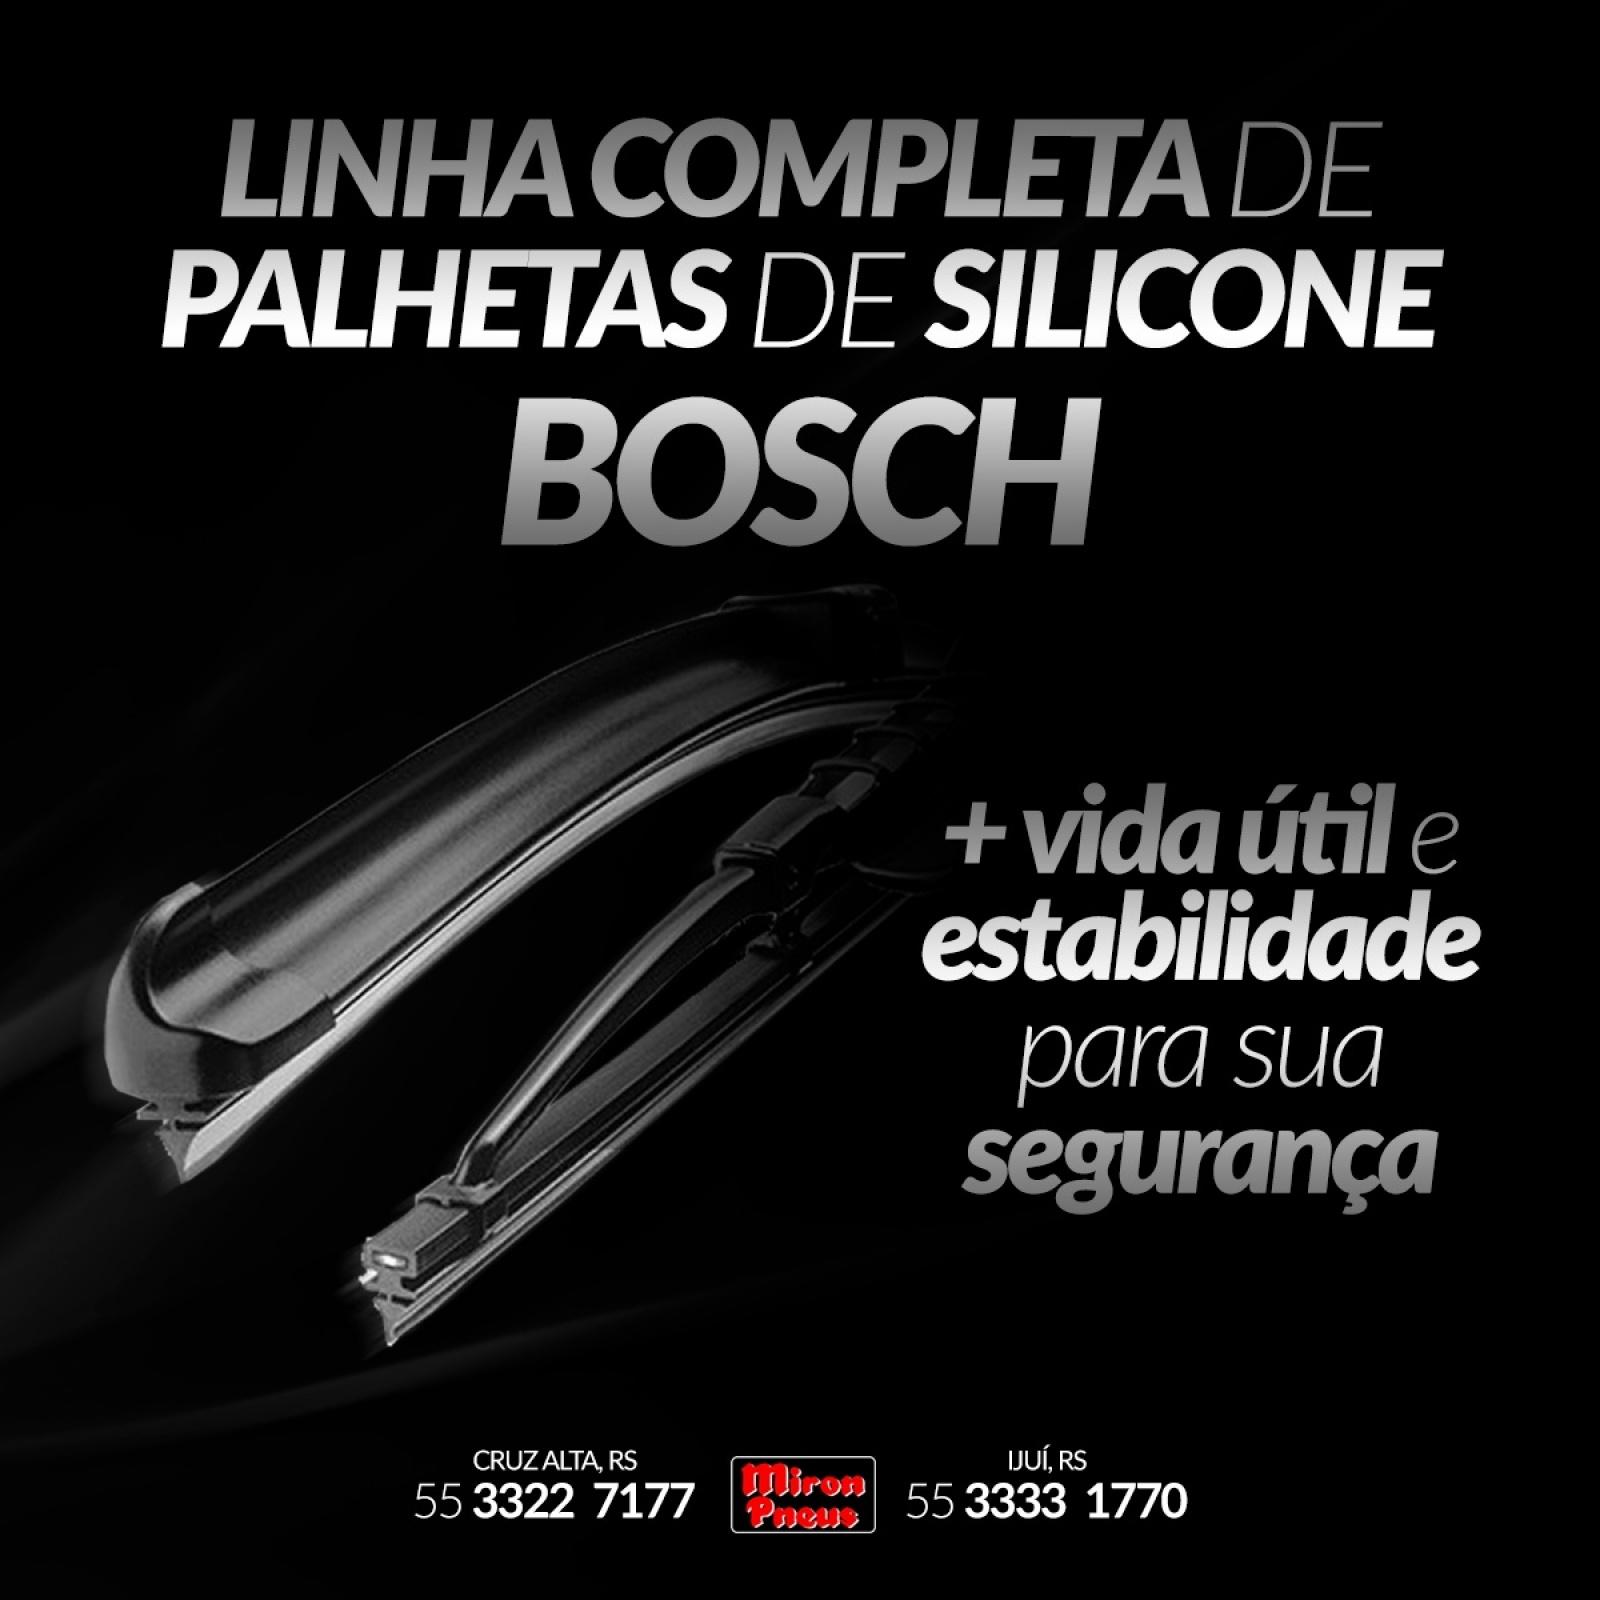 Linha completa de Palhetas de Silicone Bosch